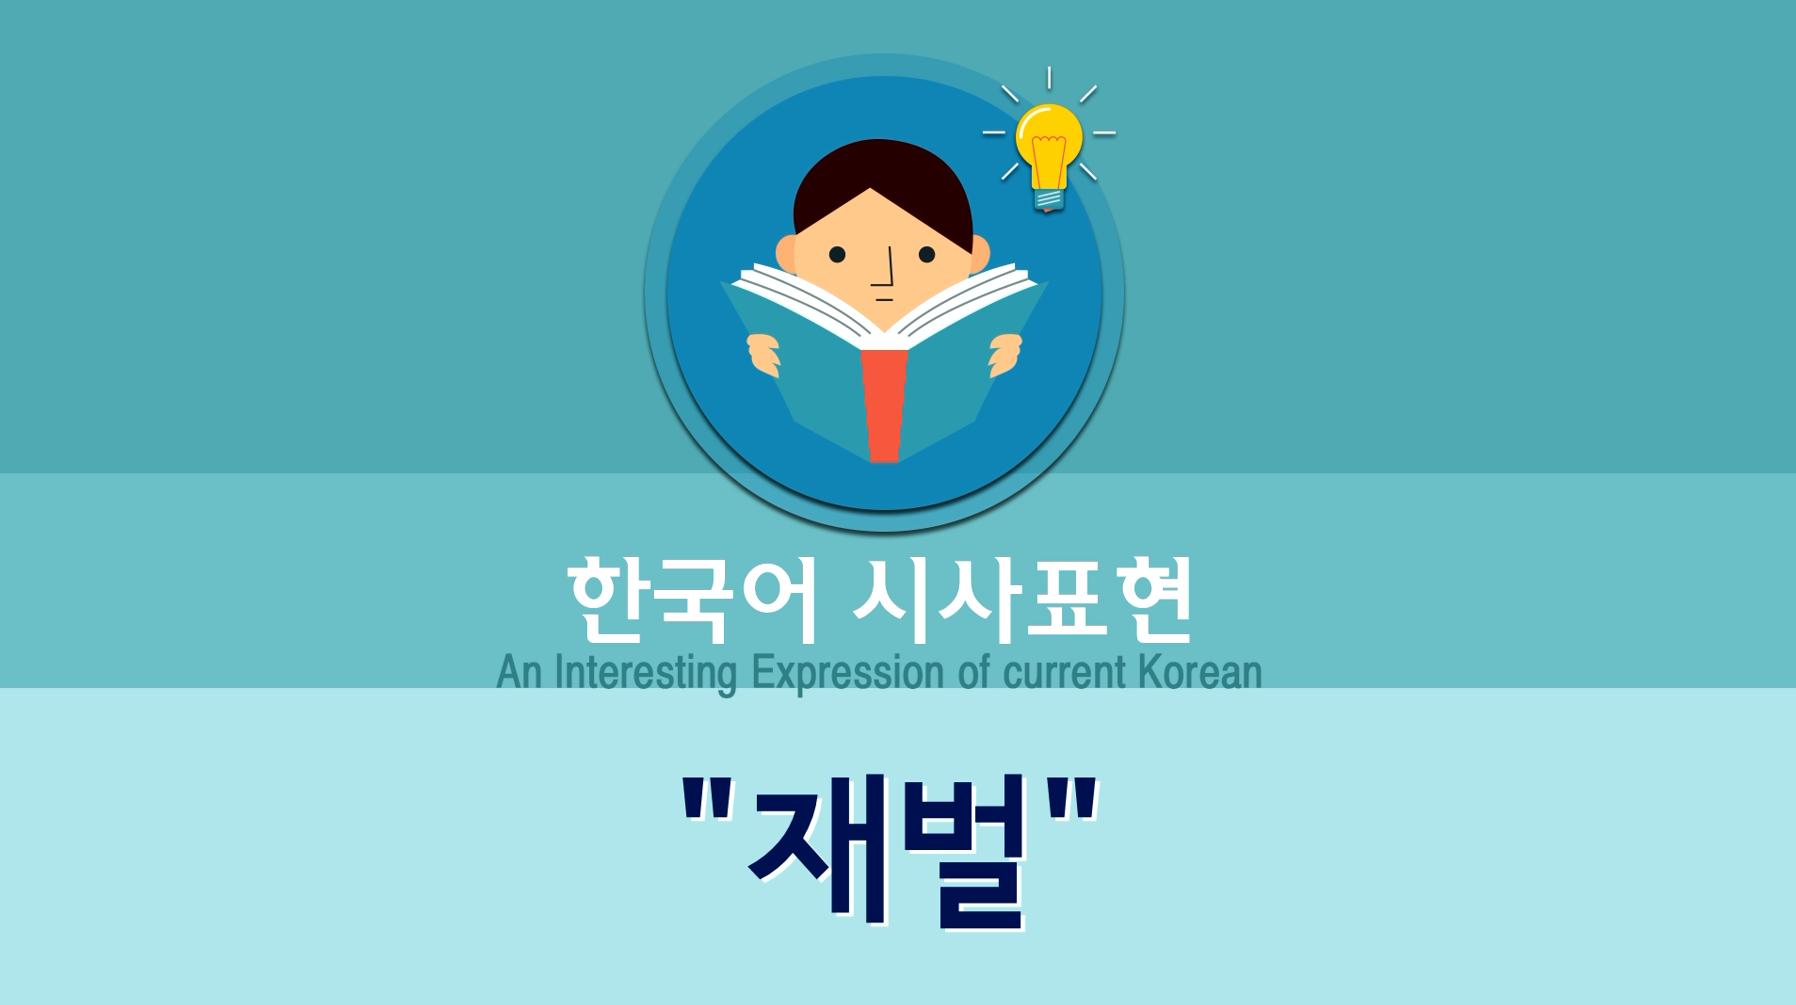 [韩语时事表达]#18. 재벌(财阀):以家族和血缘为中心经营的大企业